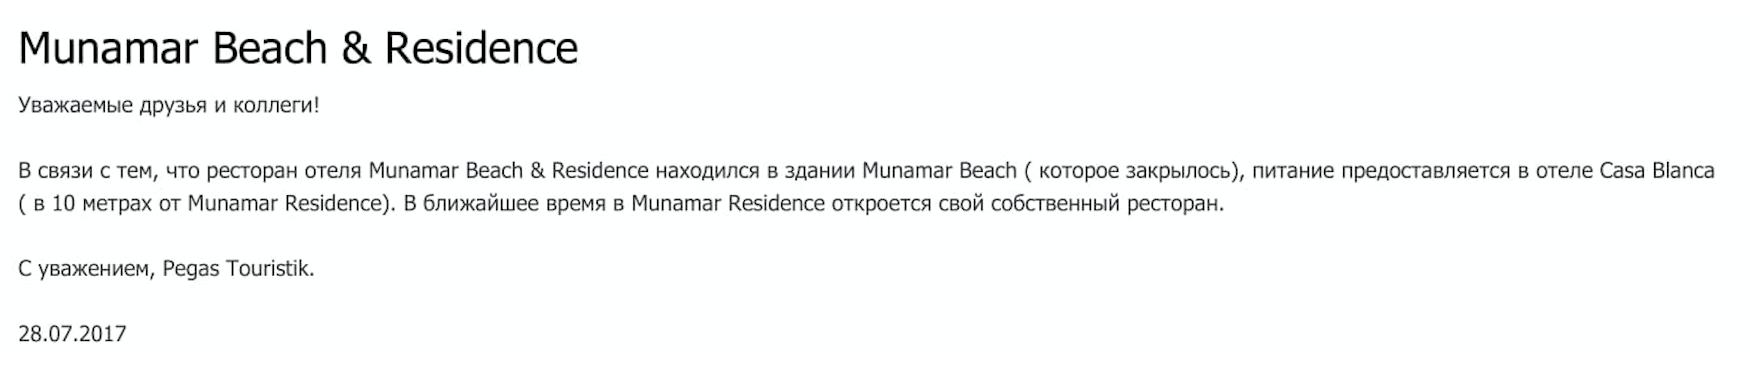 Туроператор тоже писал о закрытии Munamar Beach Restaurant и размещении туристов в четырехзвездочном Munamar Beach Residence. А также о том, что в ресторан постояльцам придется ходить в Casa Blanca Beach. О том, что последний отель трехзвездочный, ни слова. Эту новость мы прочитали уже после начала поездки — туроператор о проблемах отельной сети заранее не предупредил. Сейчас новость на сайте туроператора недоступна — очень подозрительно